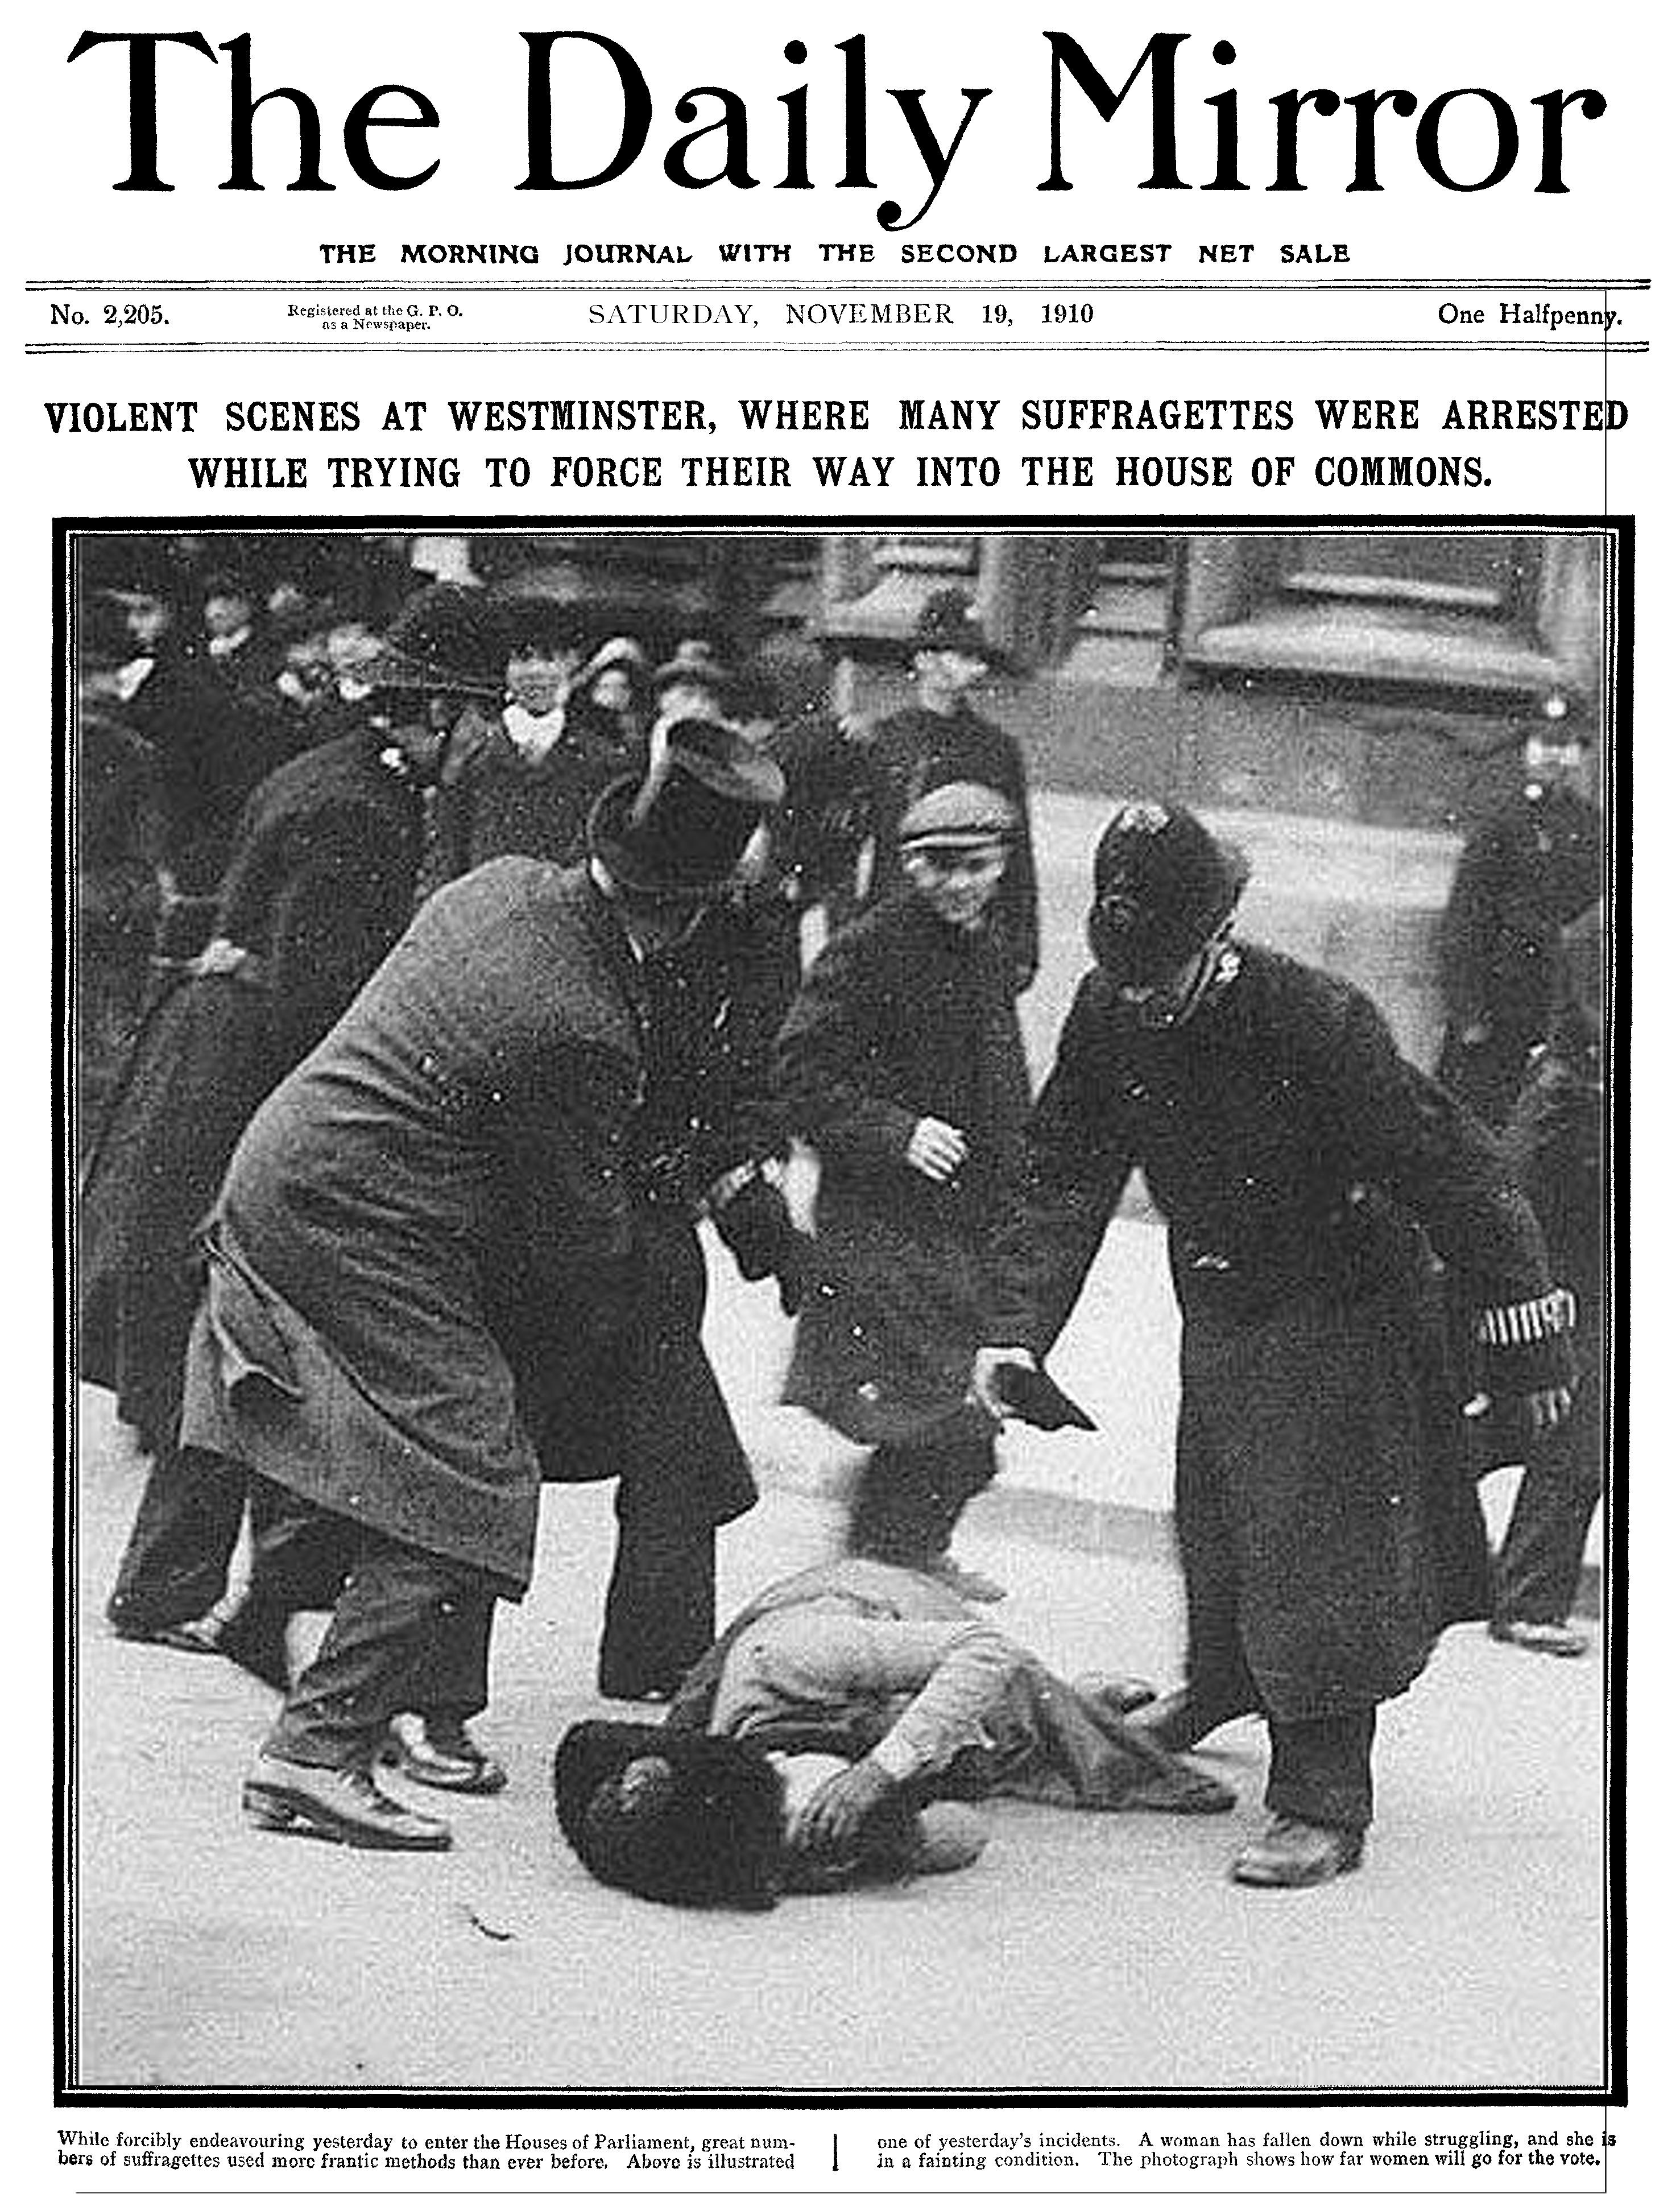 記者描述大規模粗暴地逮捕主張婦女參政權的女子,宛如「教訓淘氣的小貓」。